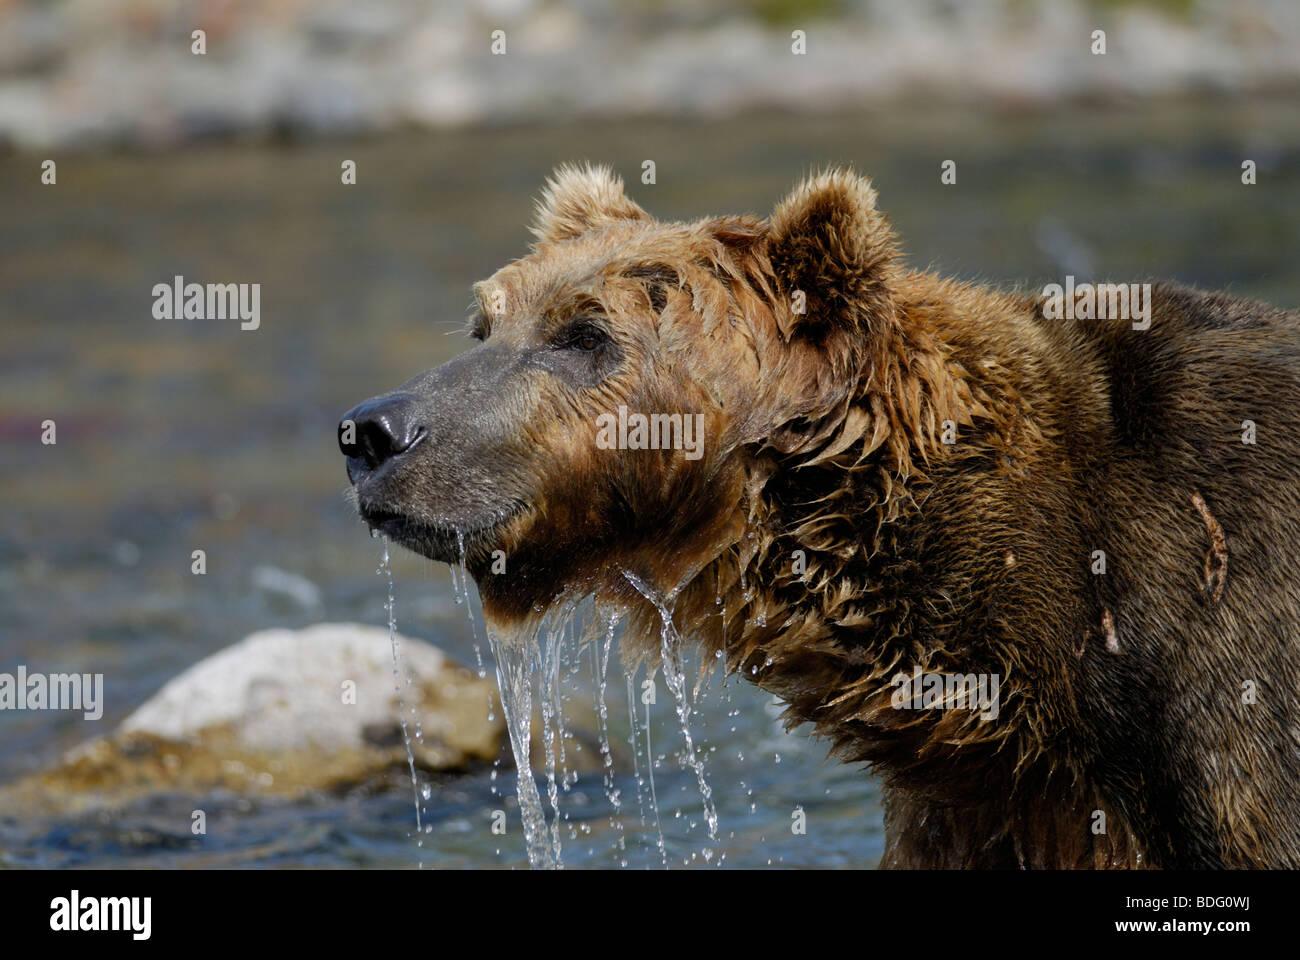 Orso bruno o orso grizzly, Ursus arctos horribilis, dopo aver guardato in acqua per il salmone. Seconda in sequenza con immagine # BDG0WC Foto Stock